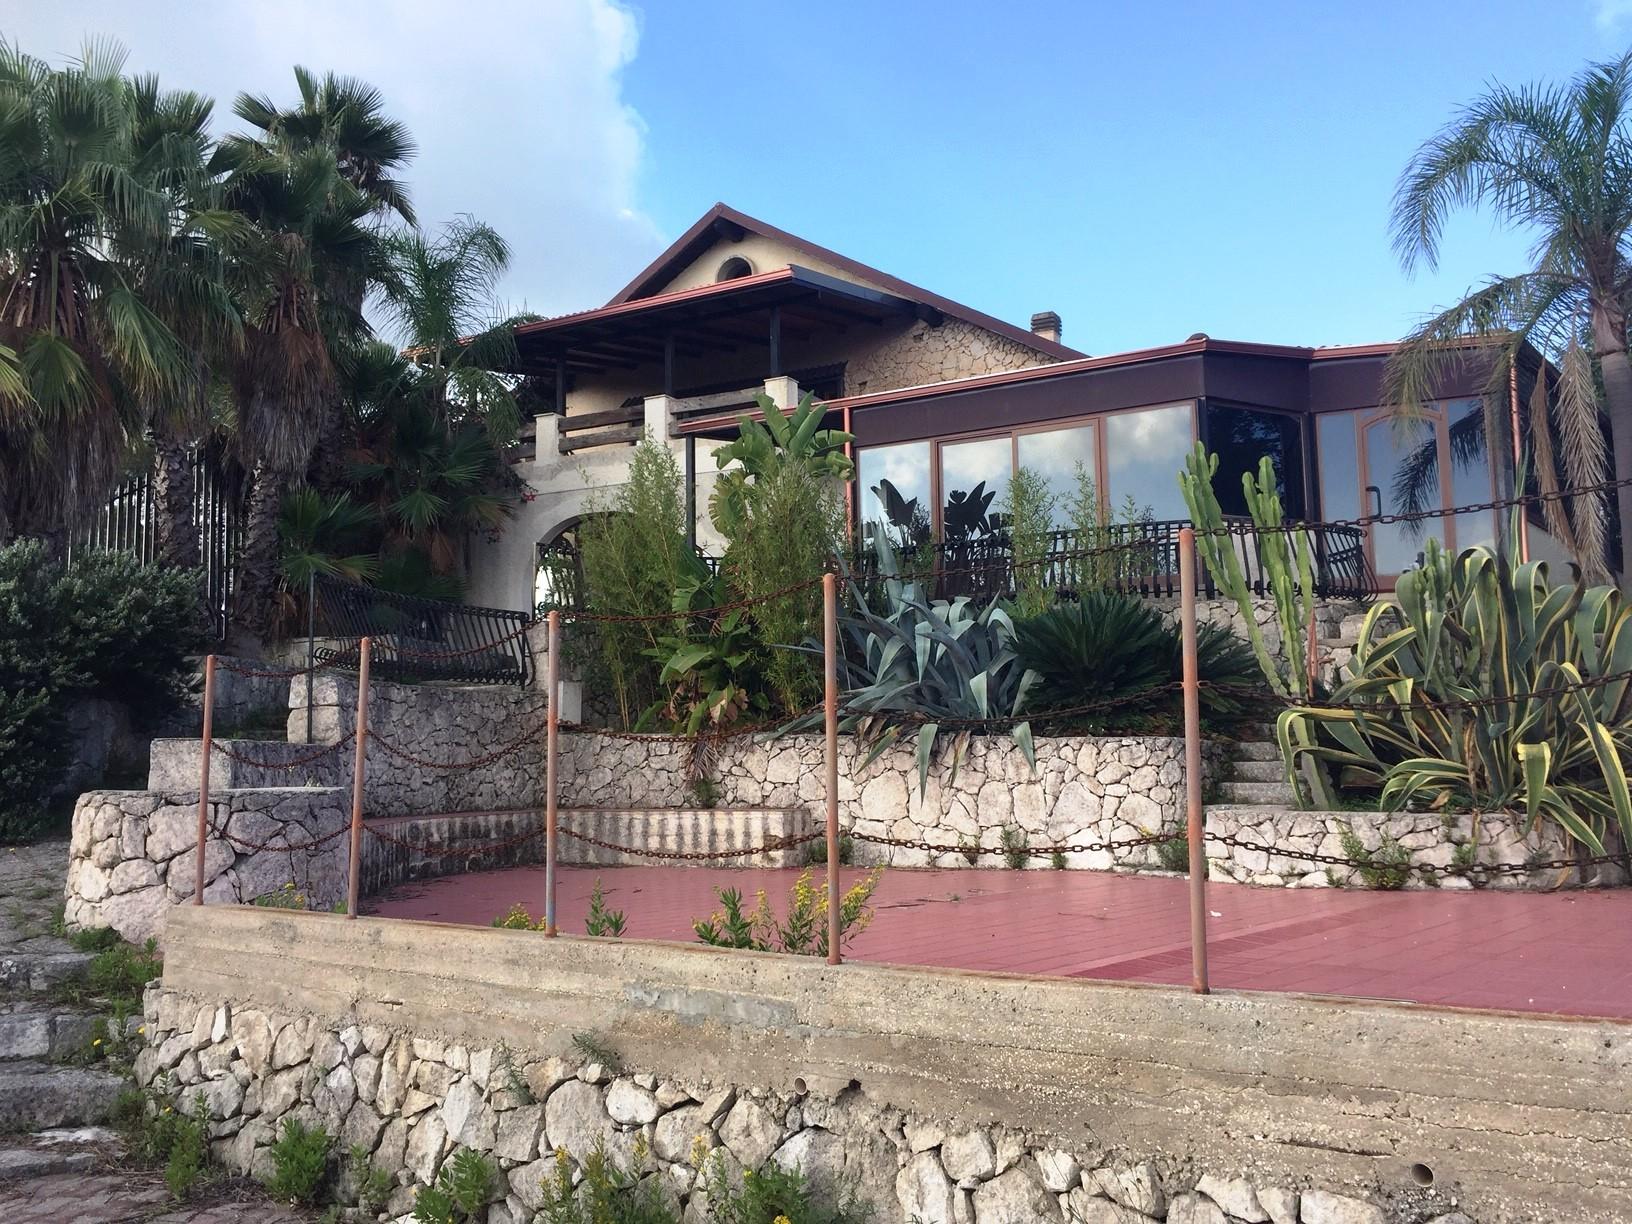 Soluzione Indipendente in vendita a Solarino, 8 locali, prezzo € 290.000 | CambioCasa.it